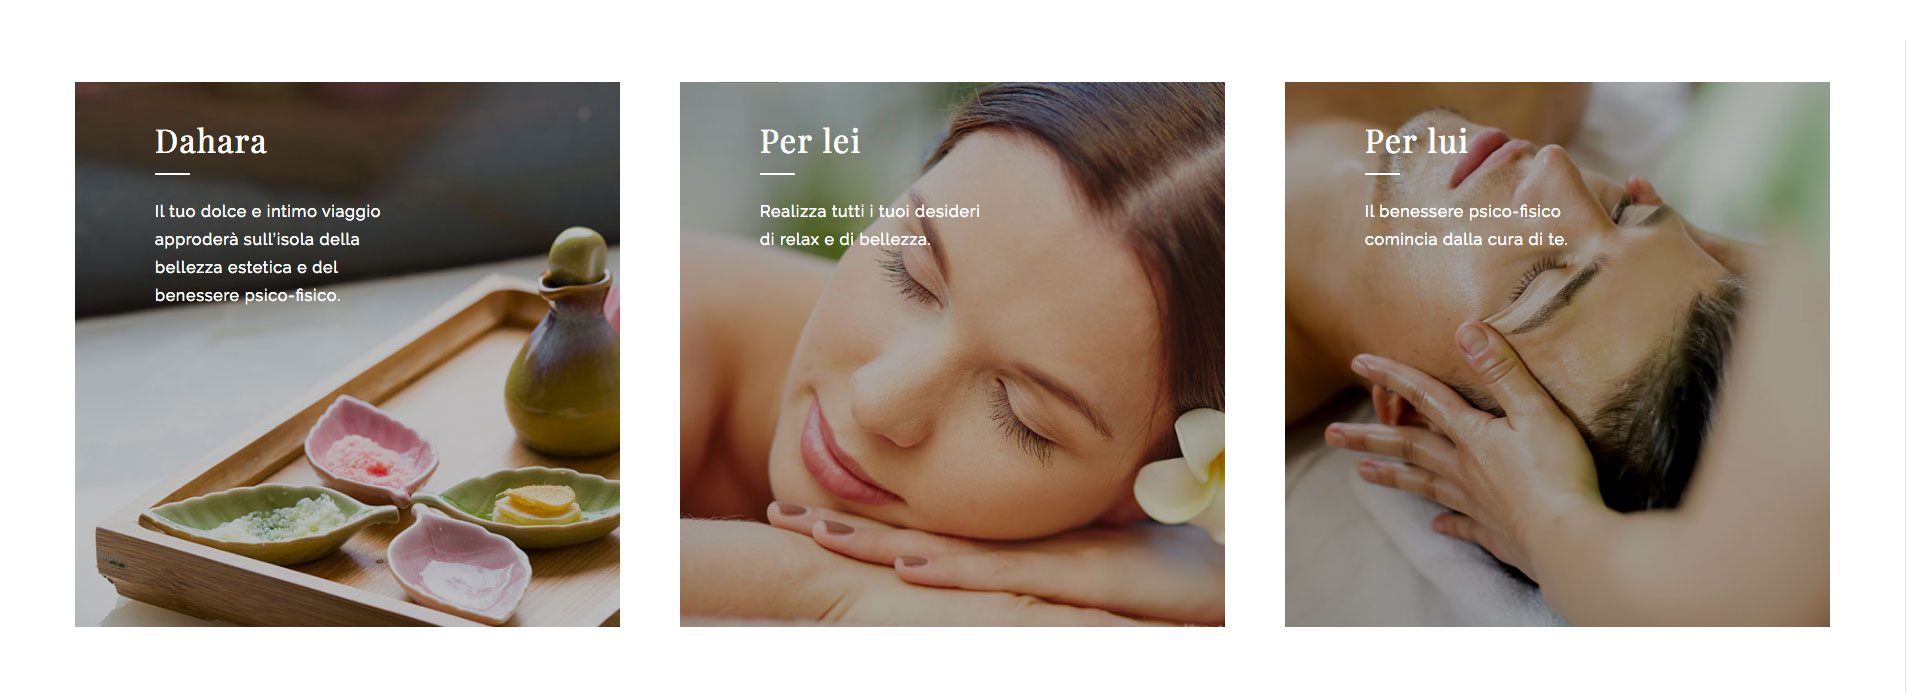 GSite web agency ticino Centro estetico Dahara sito web